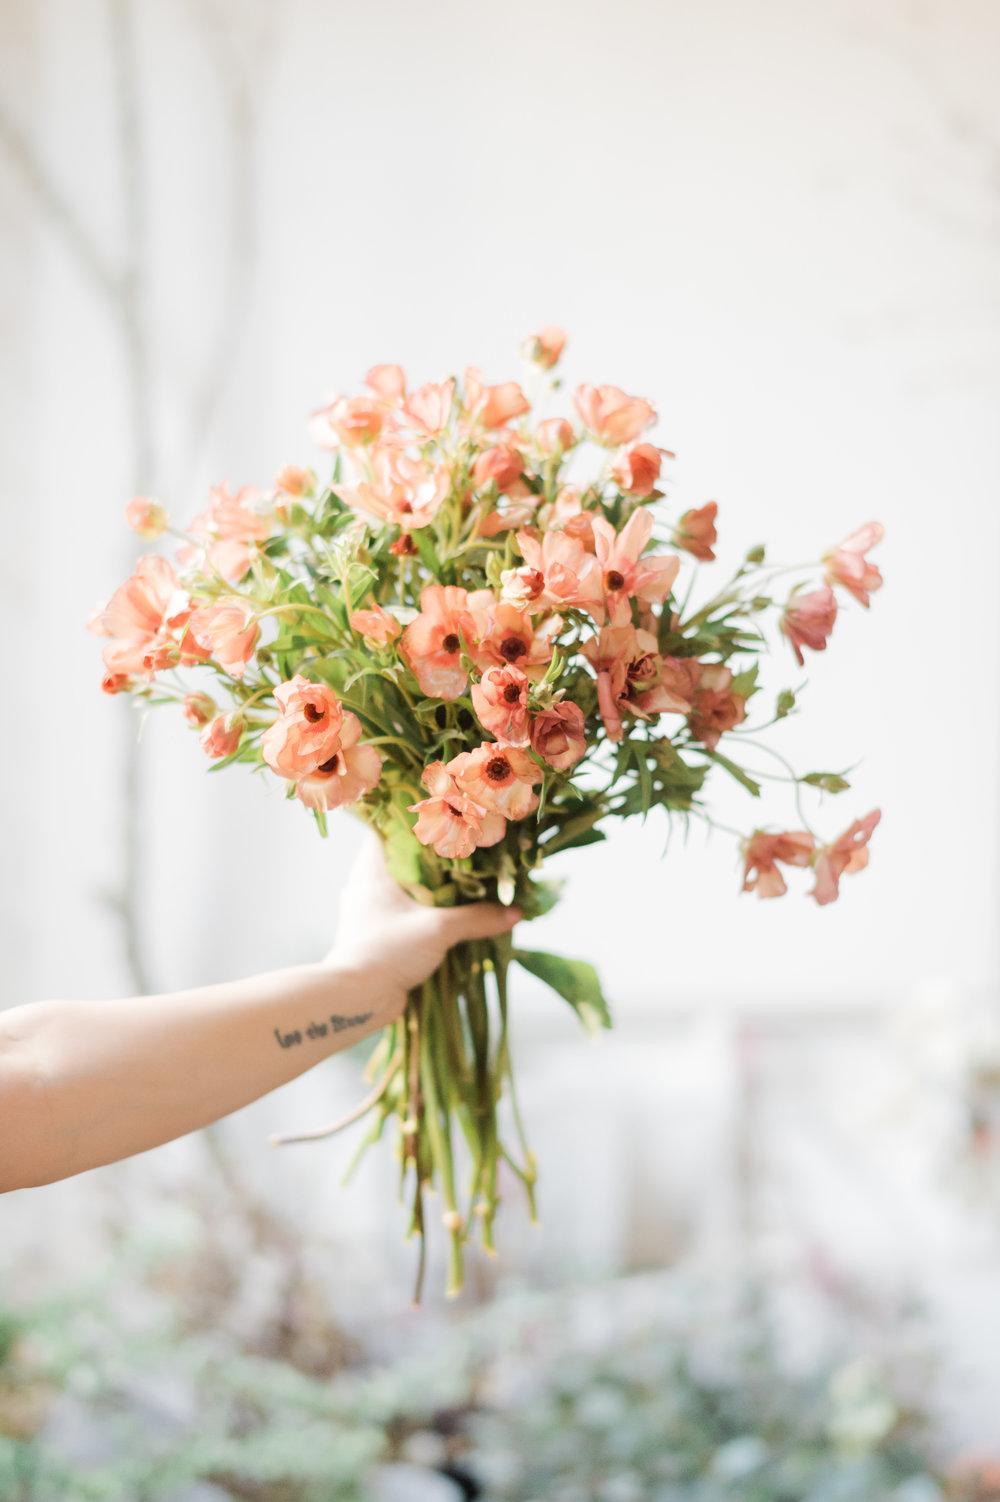 Kristen Honeycutt Photo Co.-638.jpg